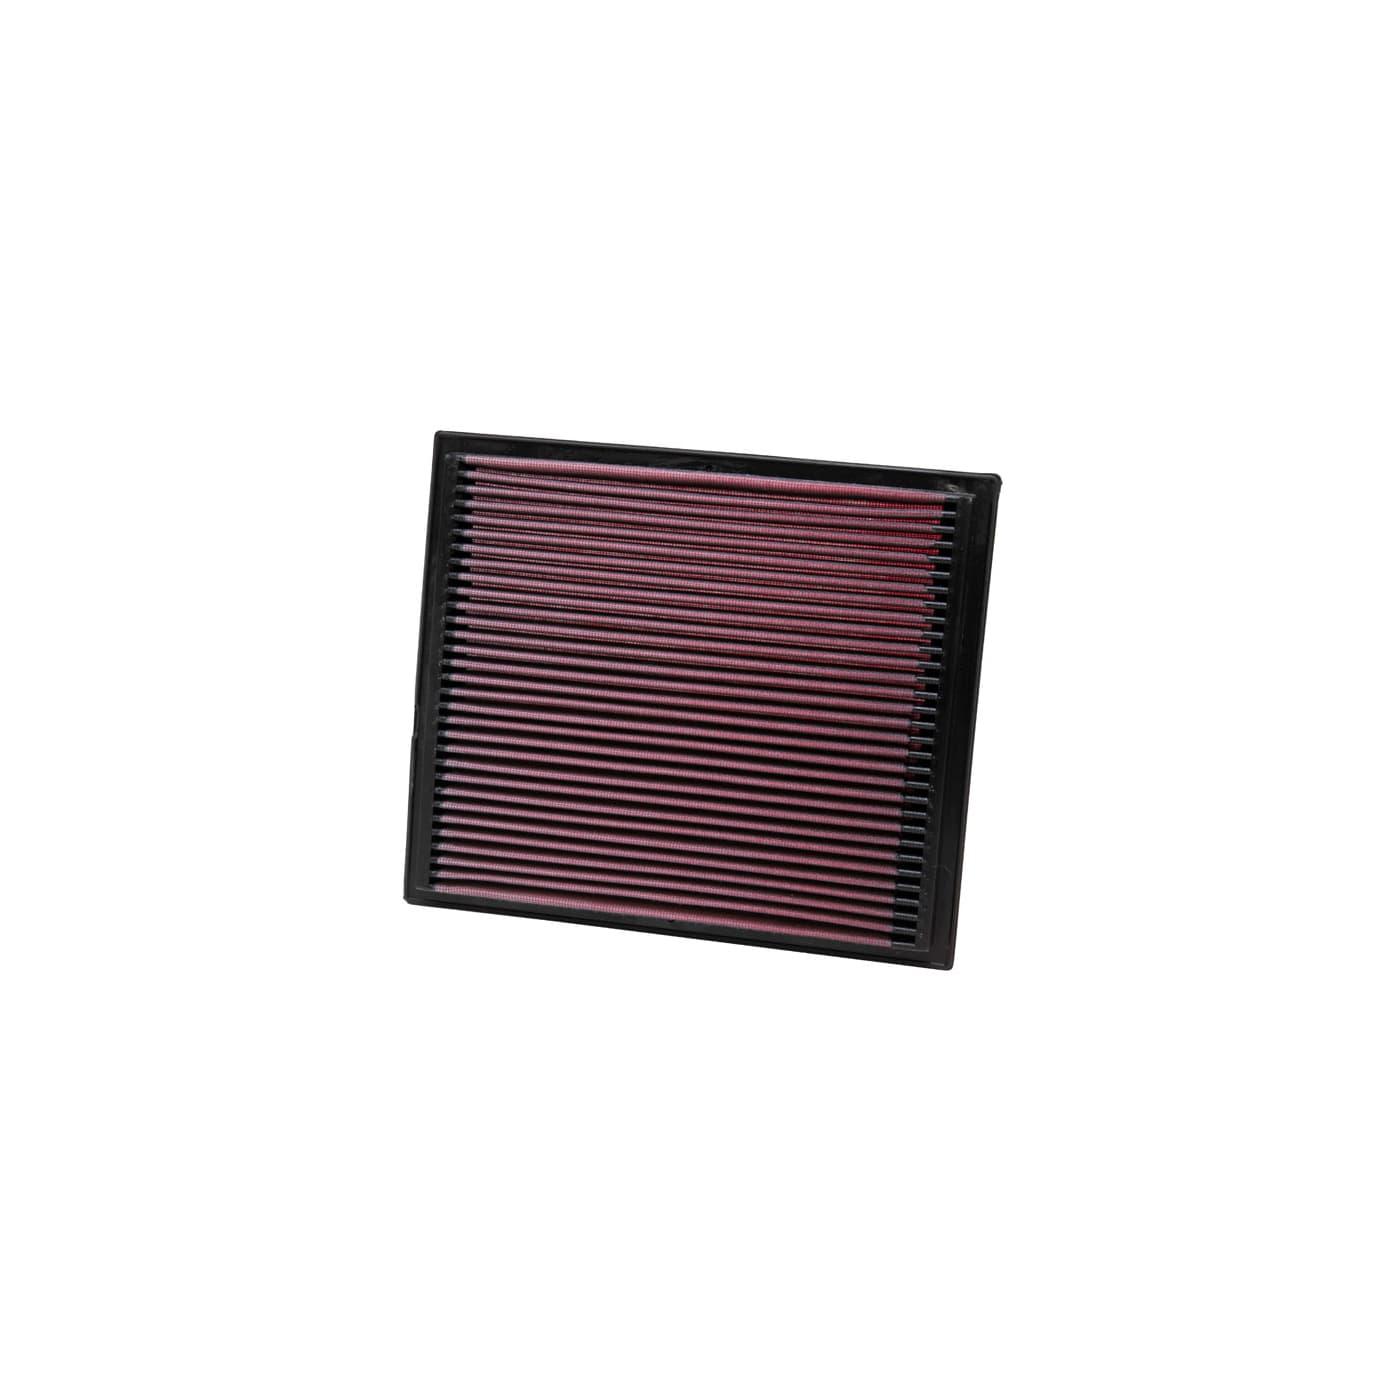 Filtro de ar K&n 33-2069